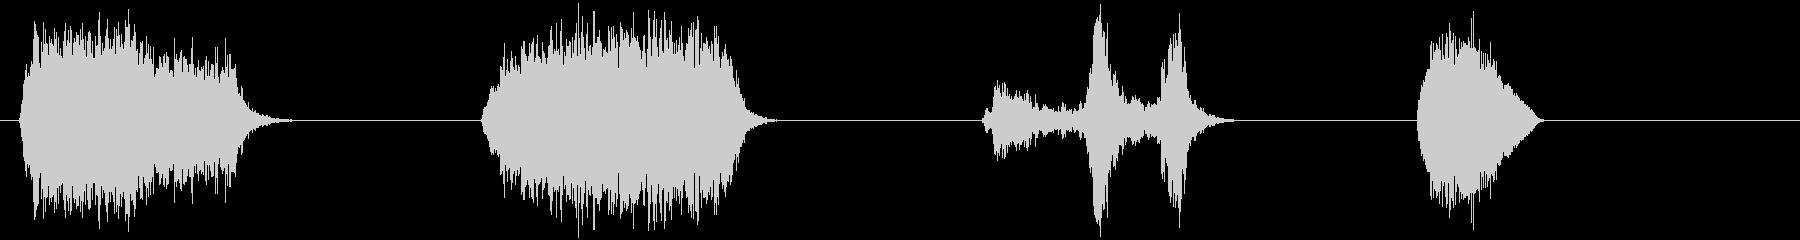 フレンチホーンジャンブル-4エフェ...の未再生の波形